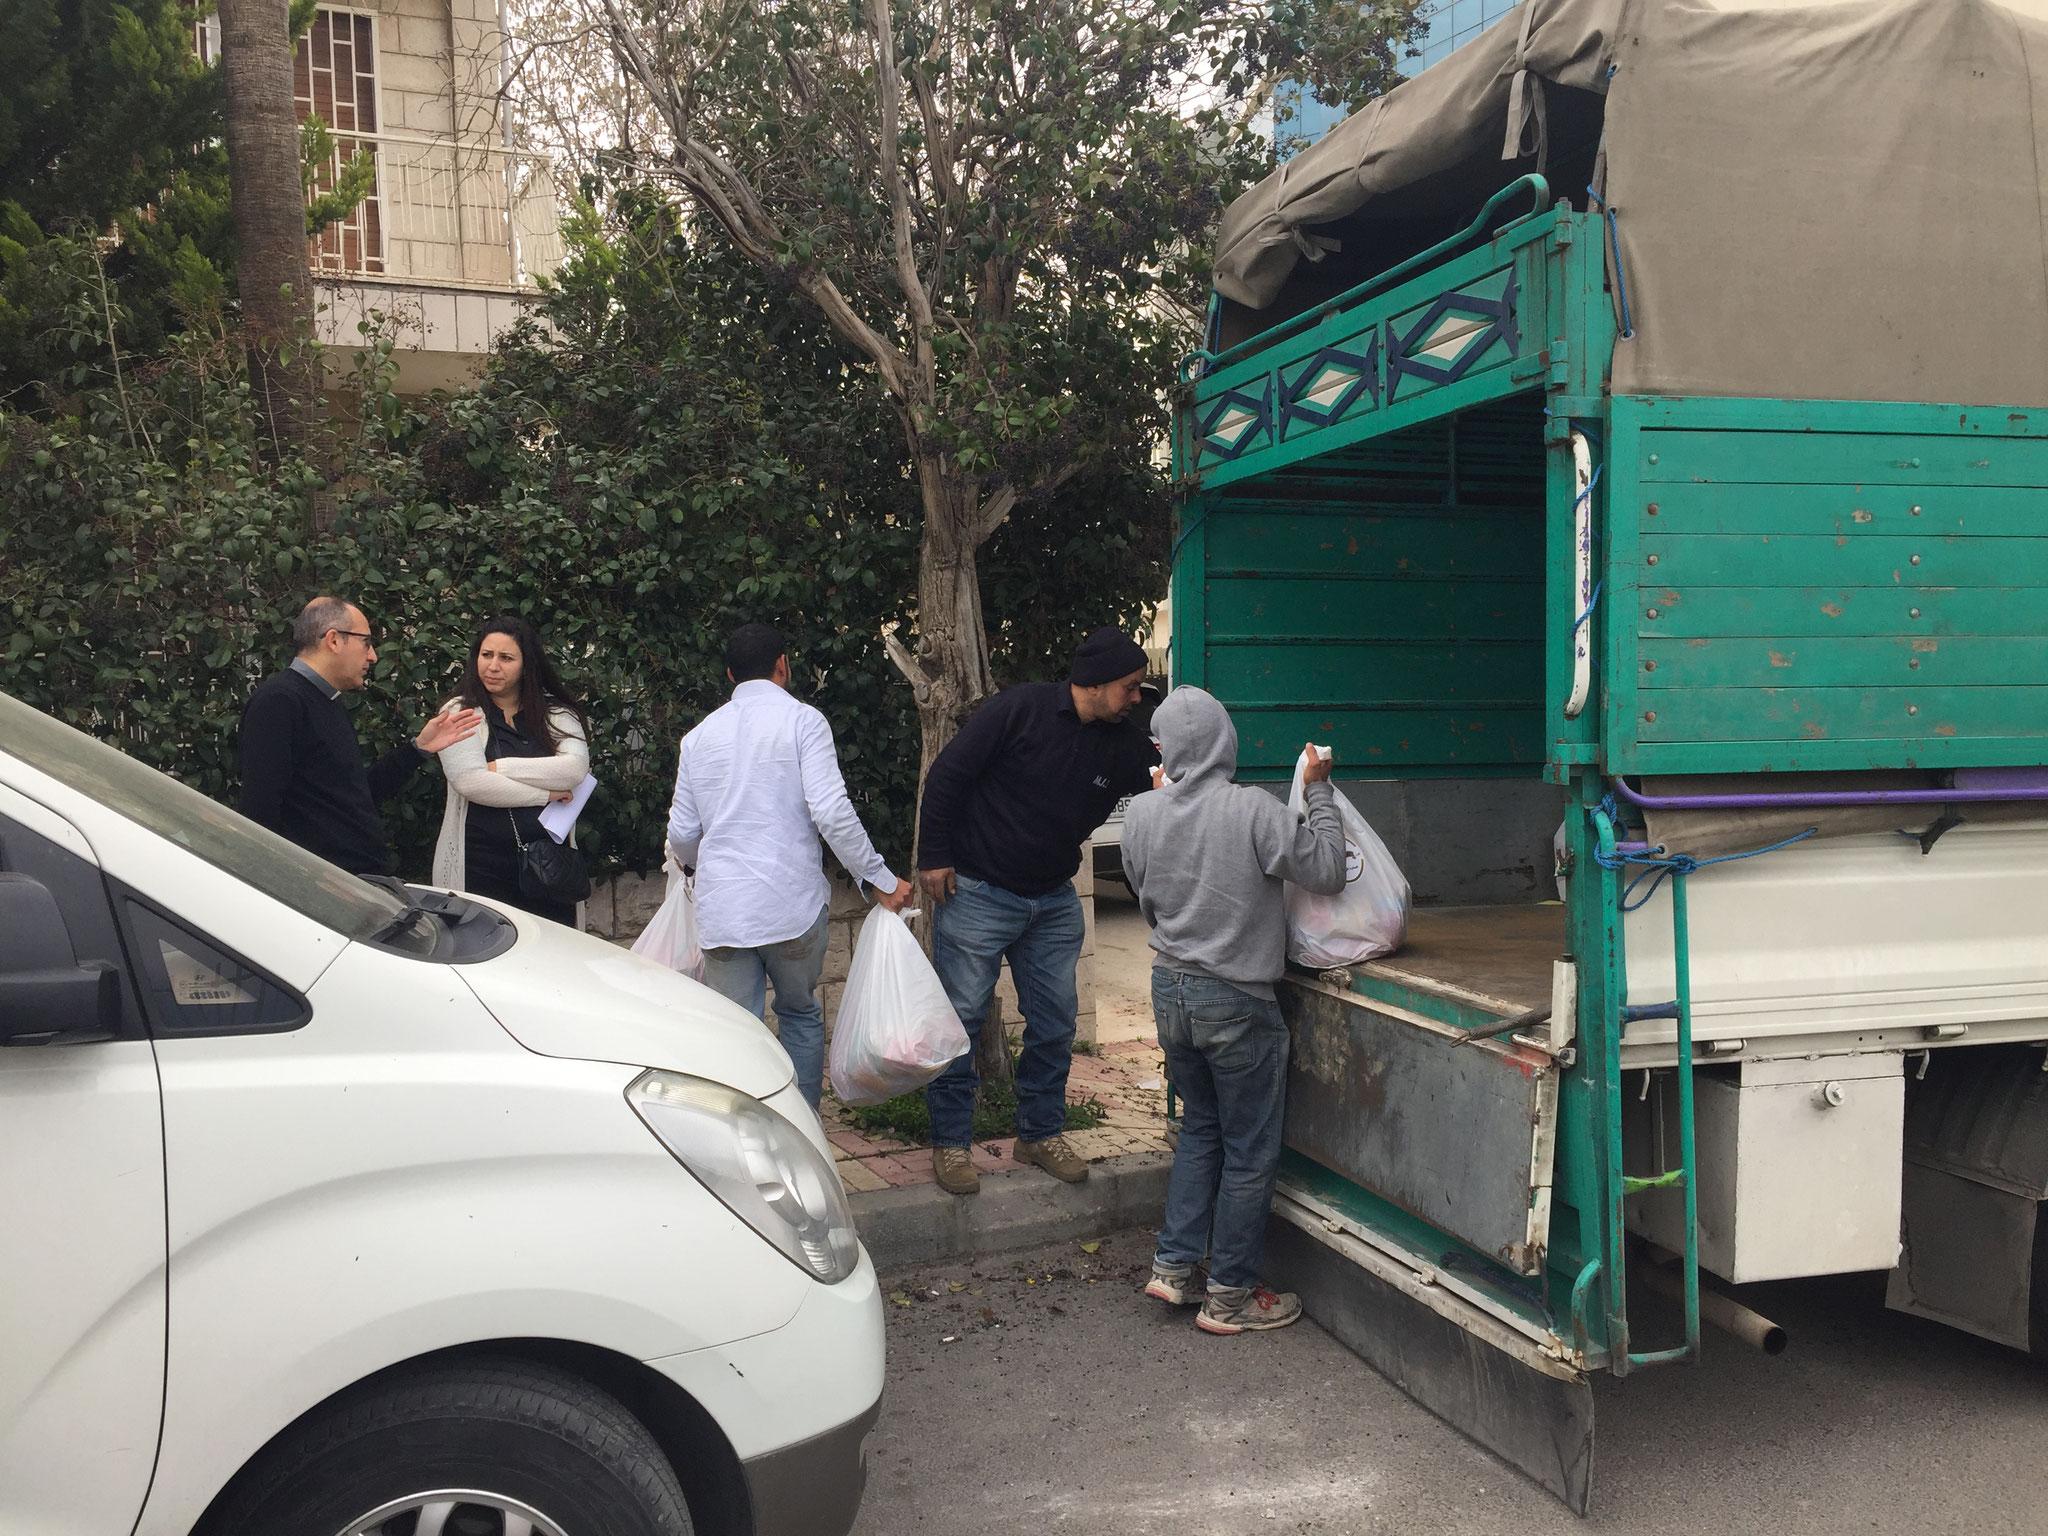 ICO-Corona Soforthilfe: gemeinsam mit ICO Projektpartner der Orthodoxen Initiative kommt Hilfe an